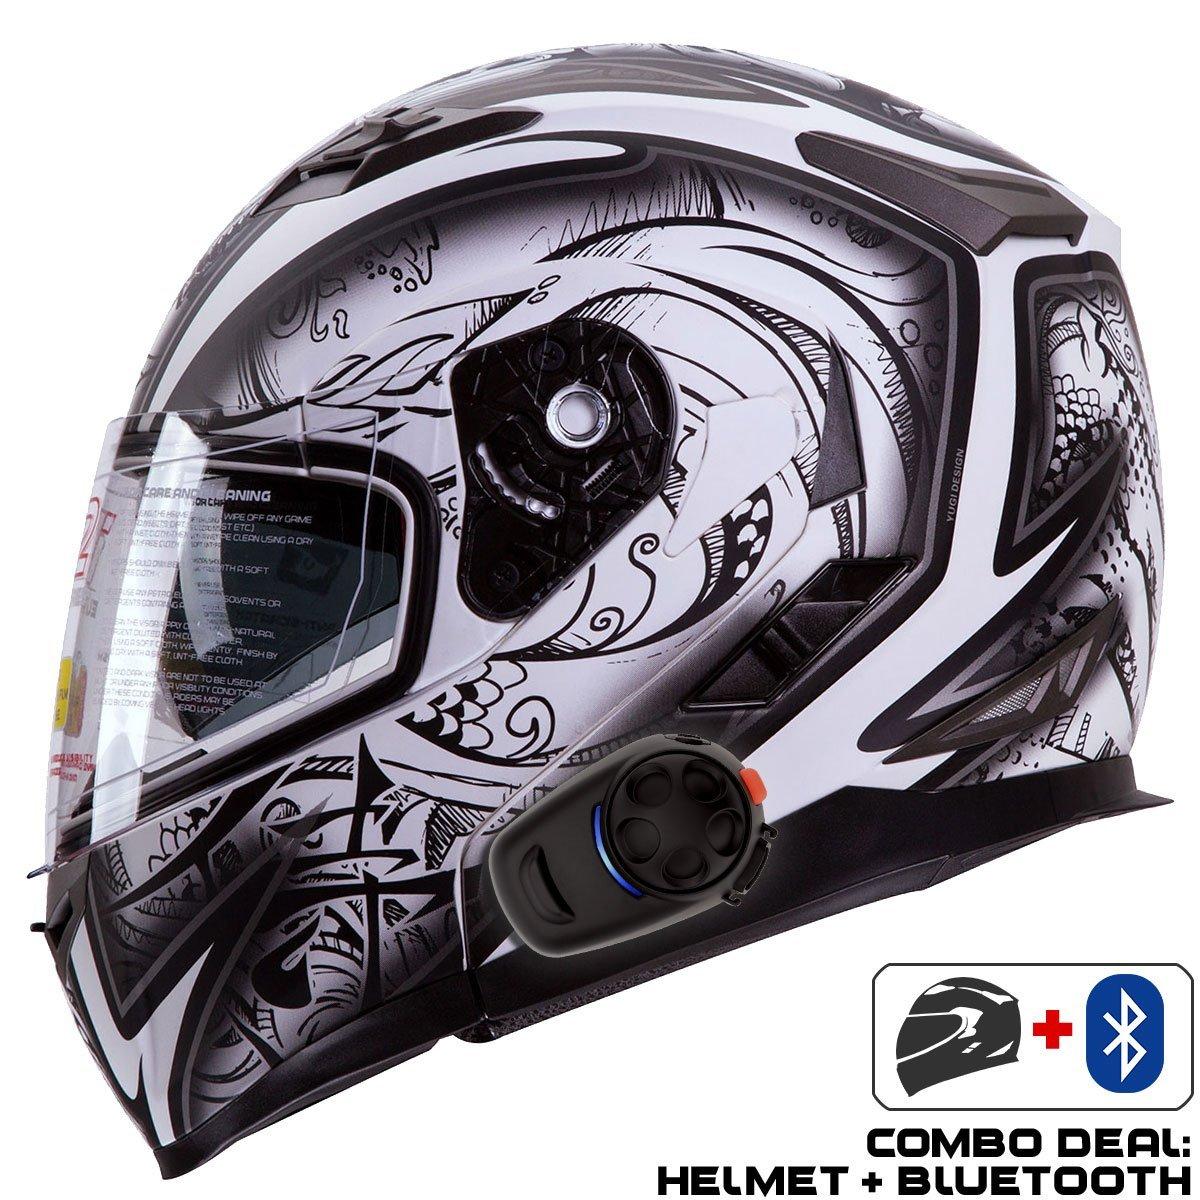 de05294a Buy IV2 Helmet + Bluetooth Combo: Model 936 Modular/Flip-Up High ...